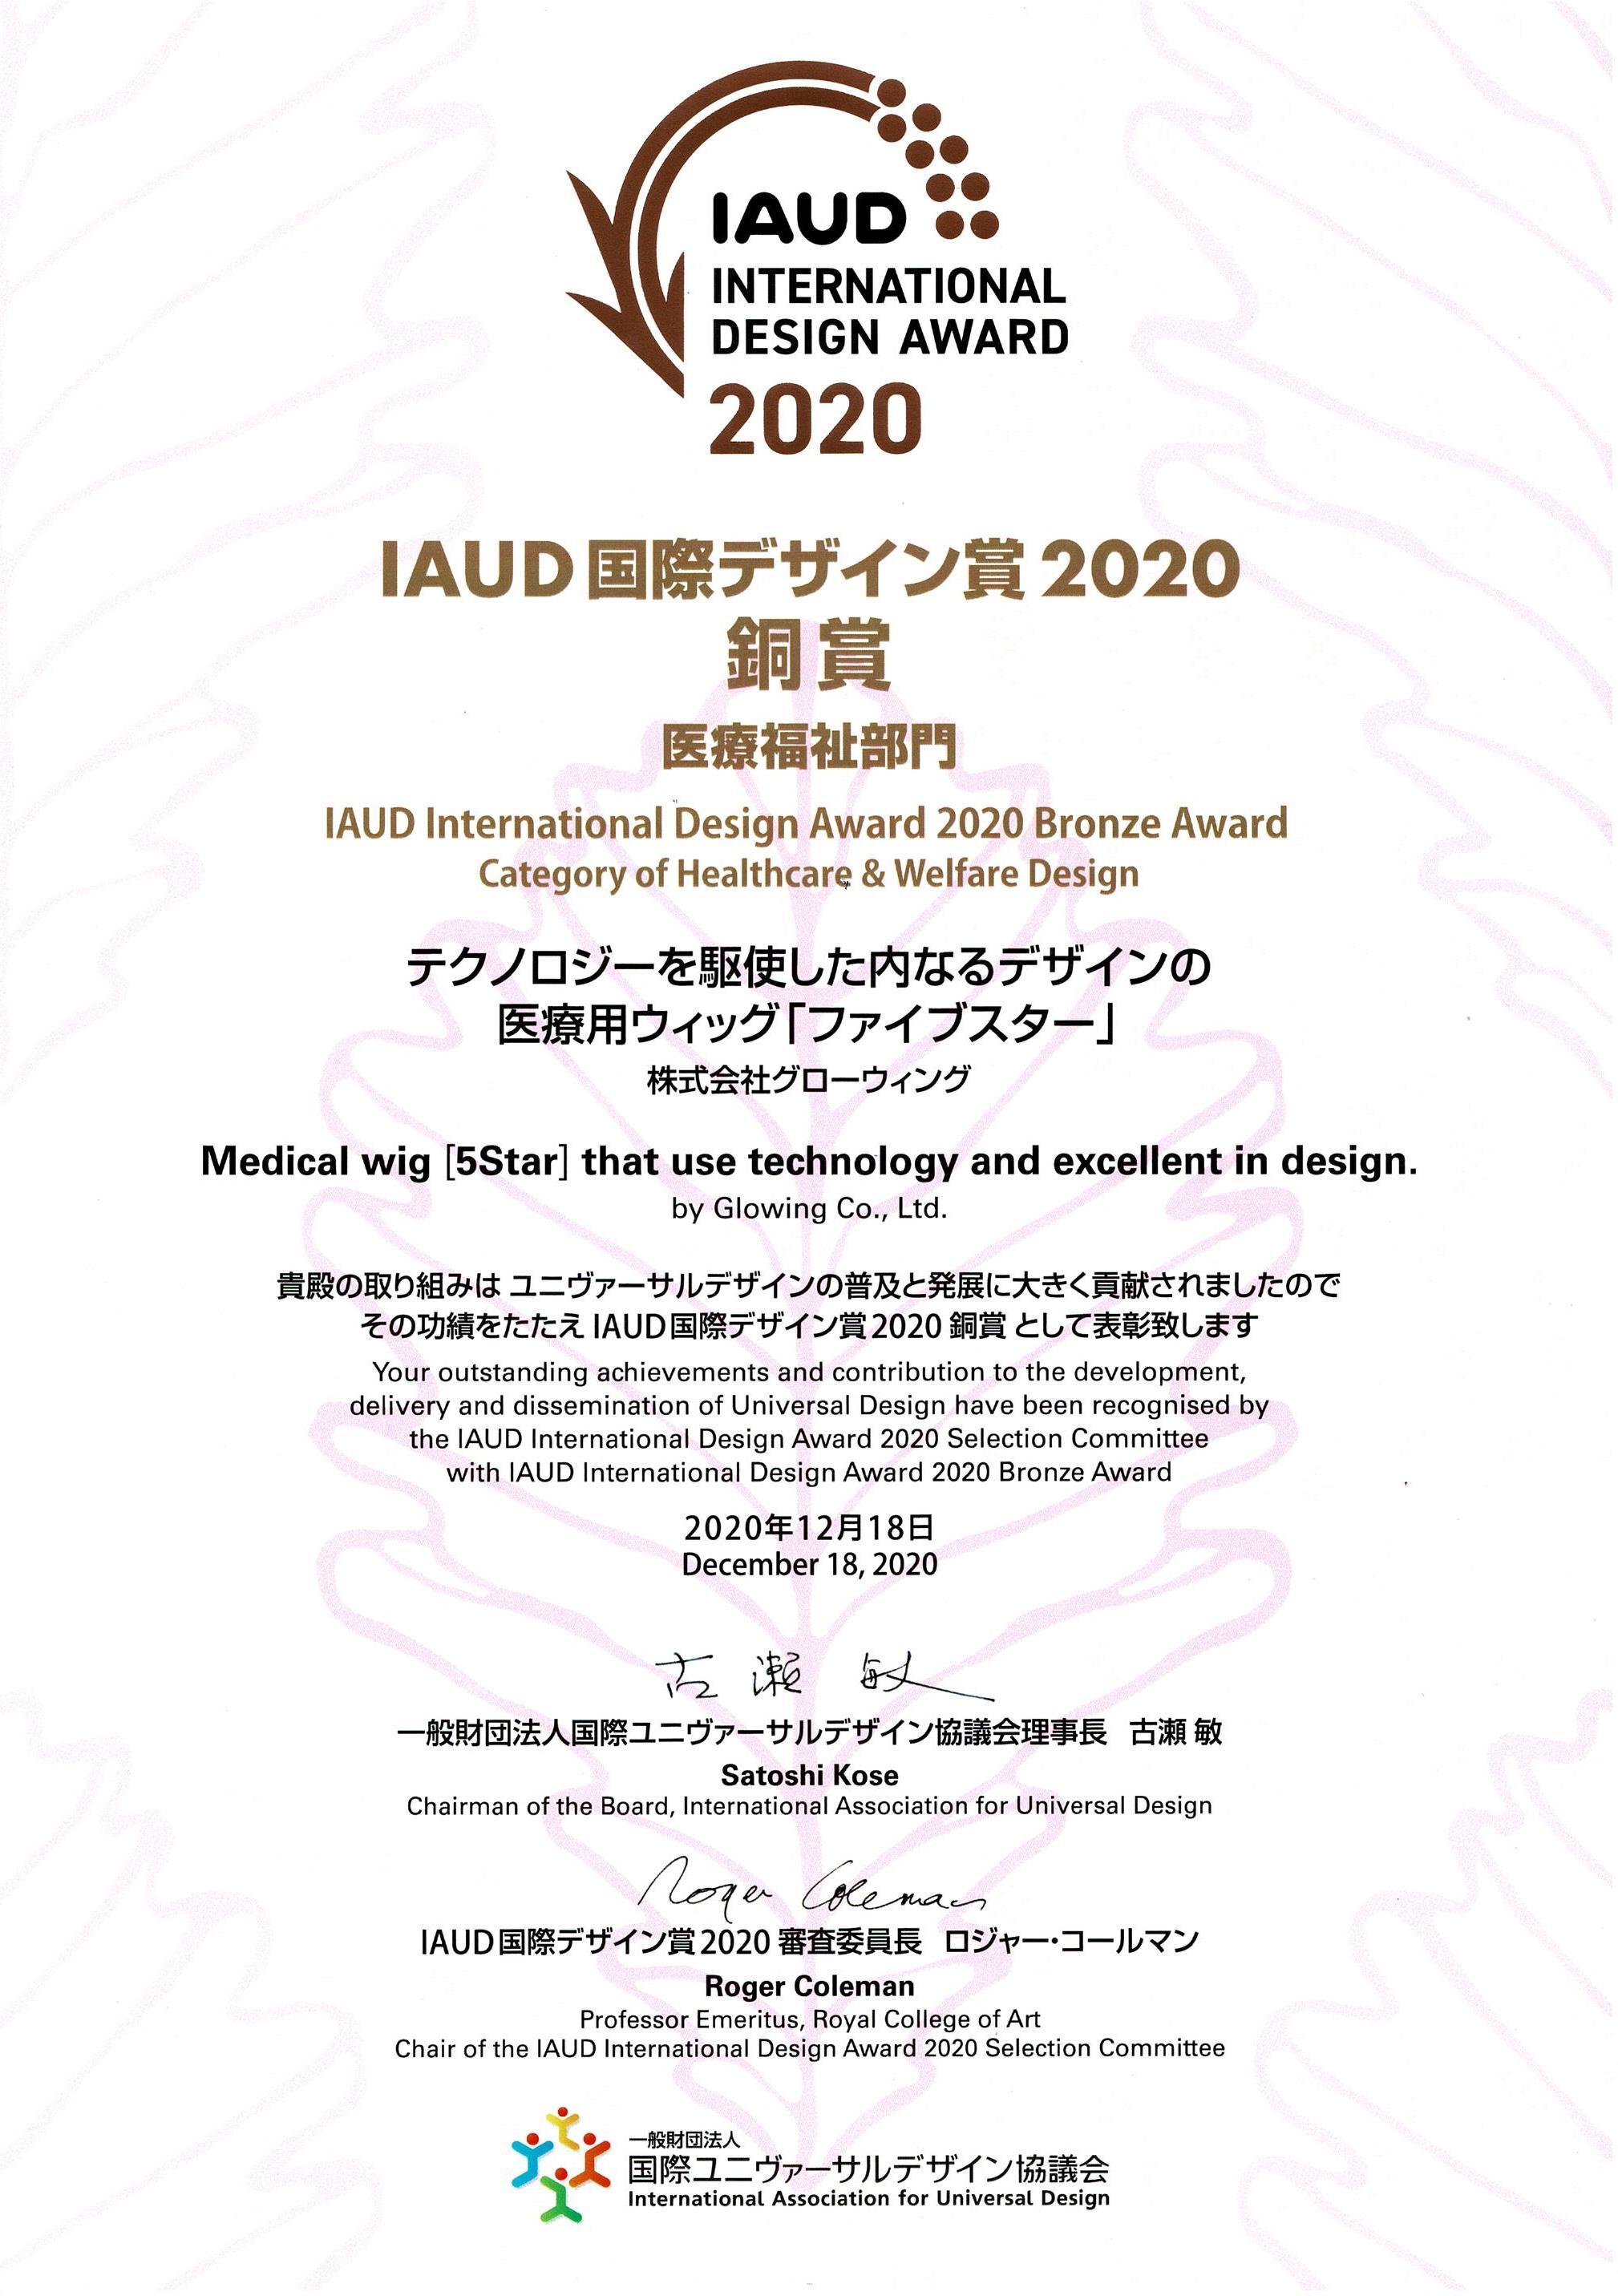 一般財団法人 国際ユニヴァーサルデザイン協議会(IAUD)医療福祉部門 銅賞受賞